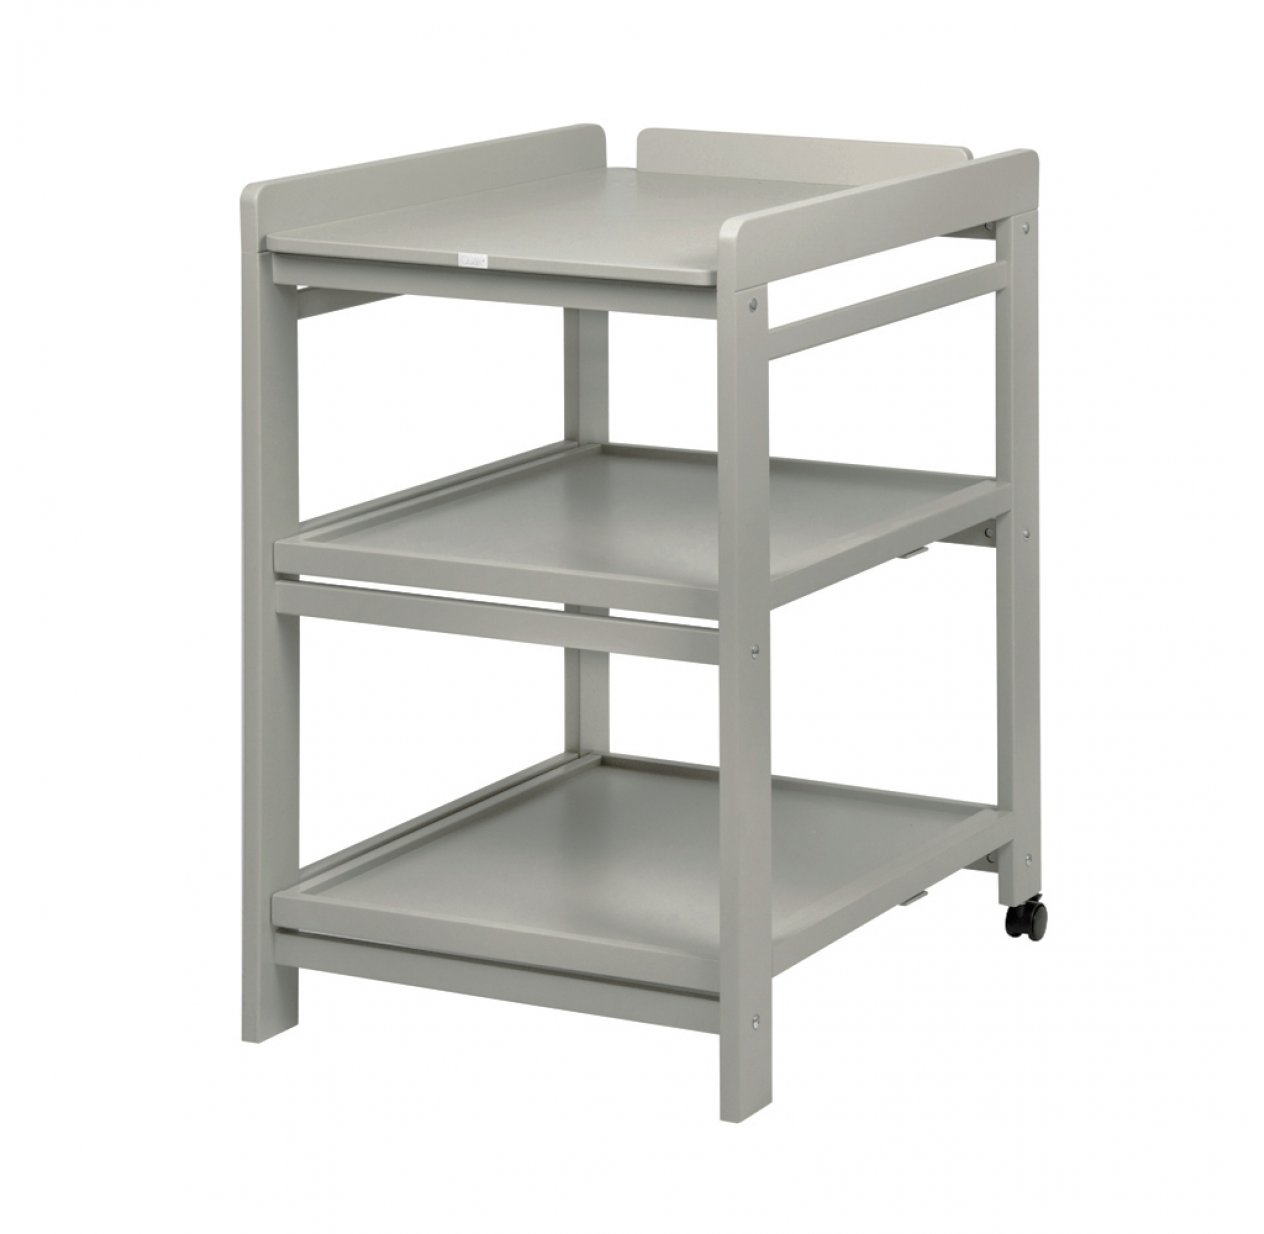 table langer comfort avec roues grisato quax pour chambre enfant les enfants du design